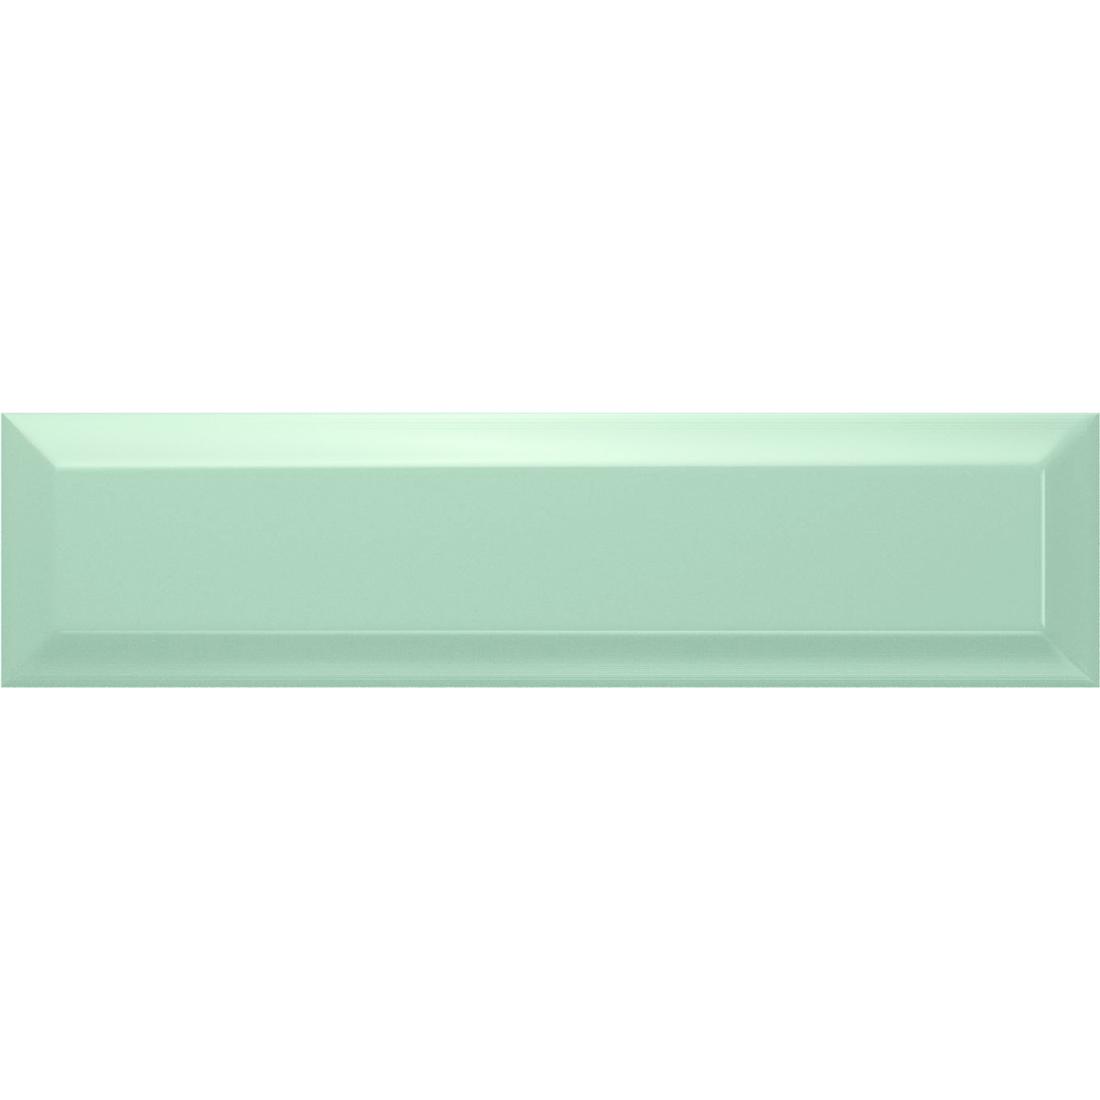 Kentucky 7.5x30 Ocean Gloss 1